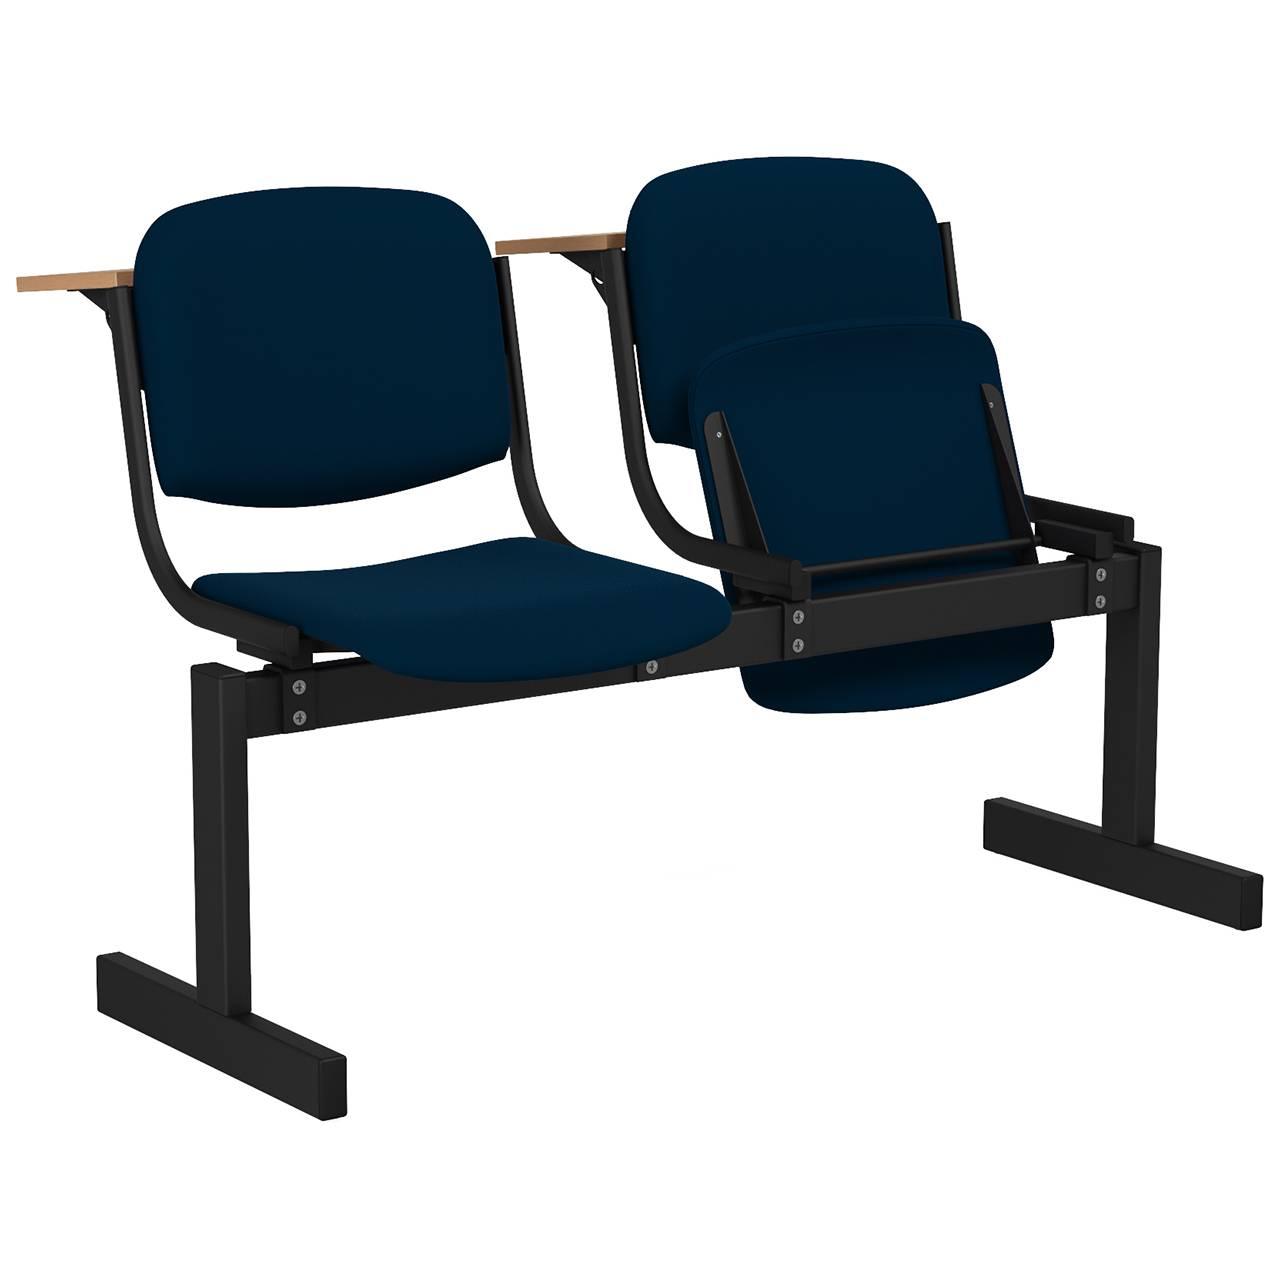 2-местный, откидывающиеся сиденья, мягкий, лекционный черный синий Флок